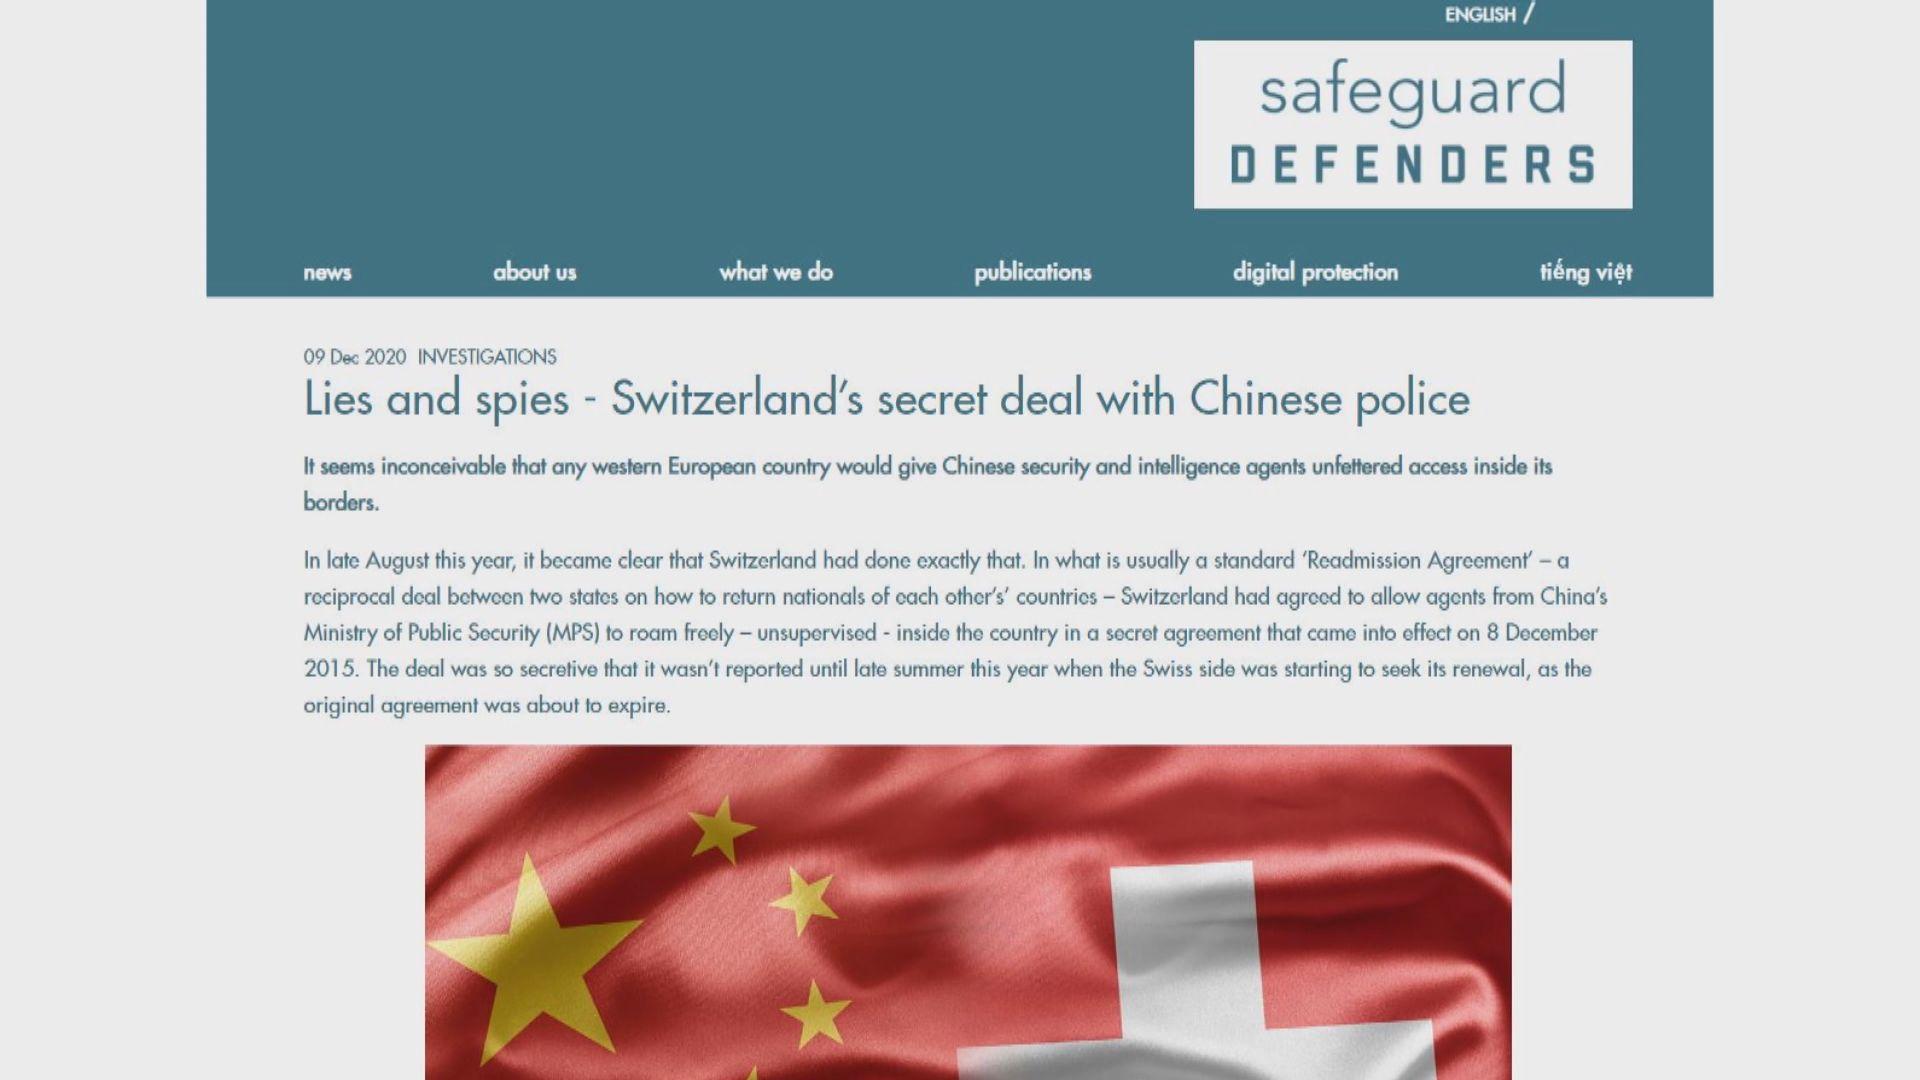 英媒:瑞士中國秘密協議准公安部入境調查中國公民